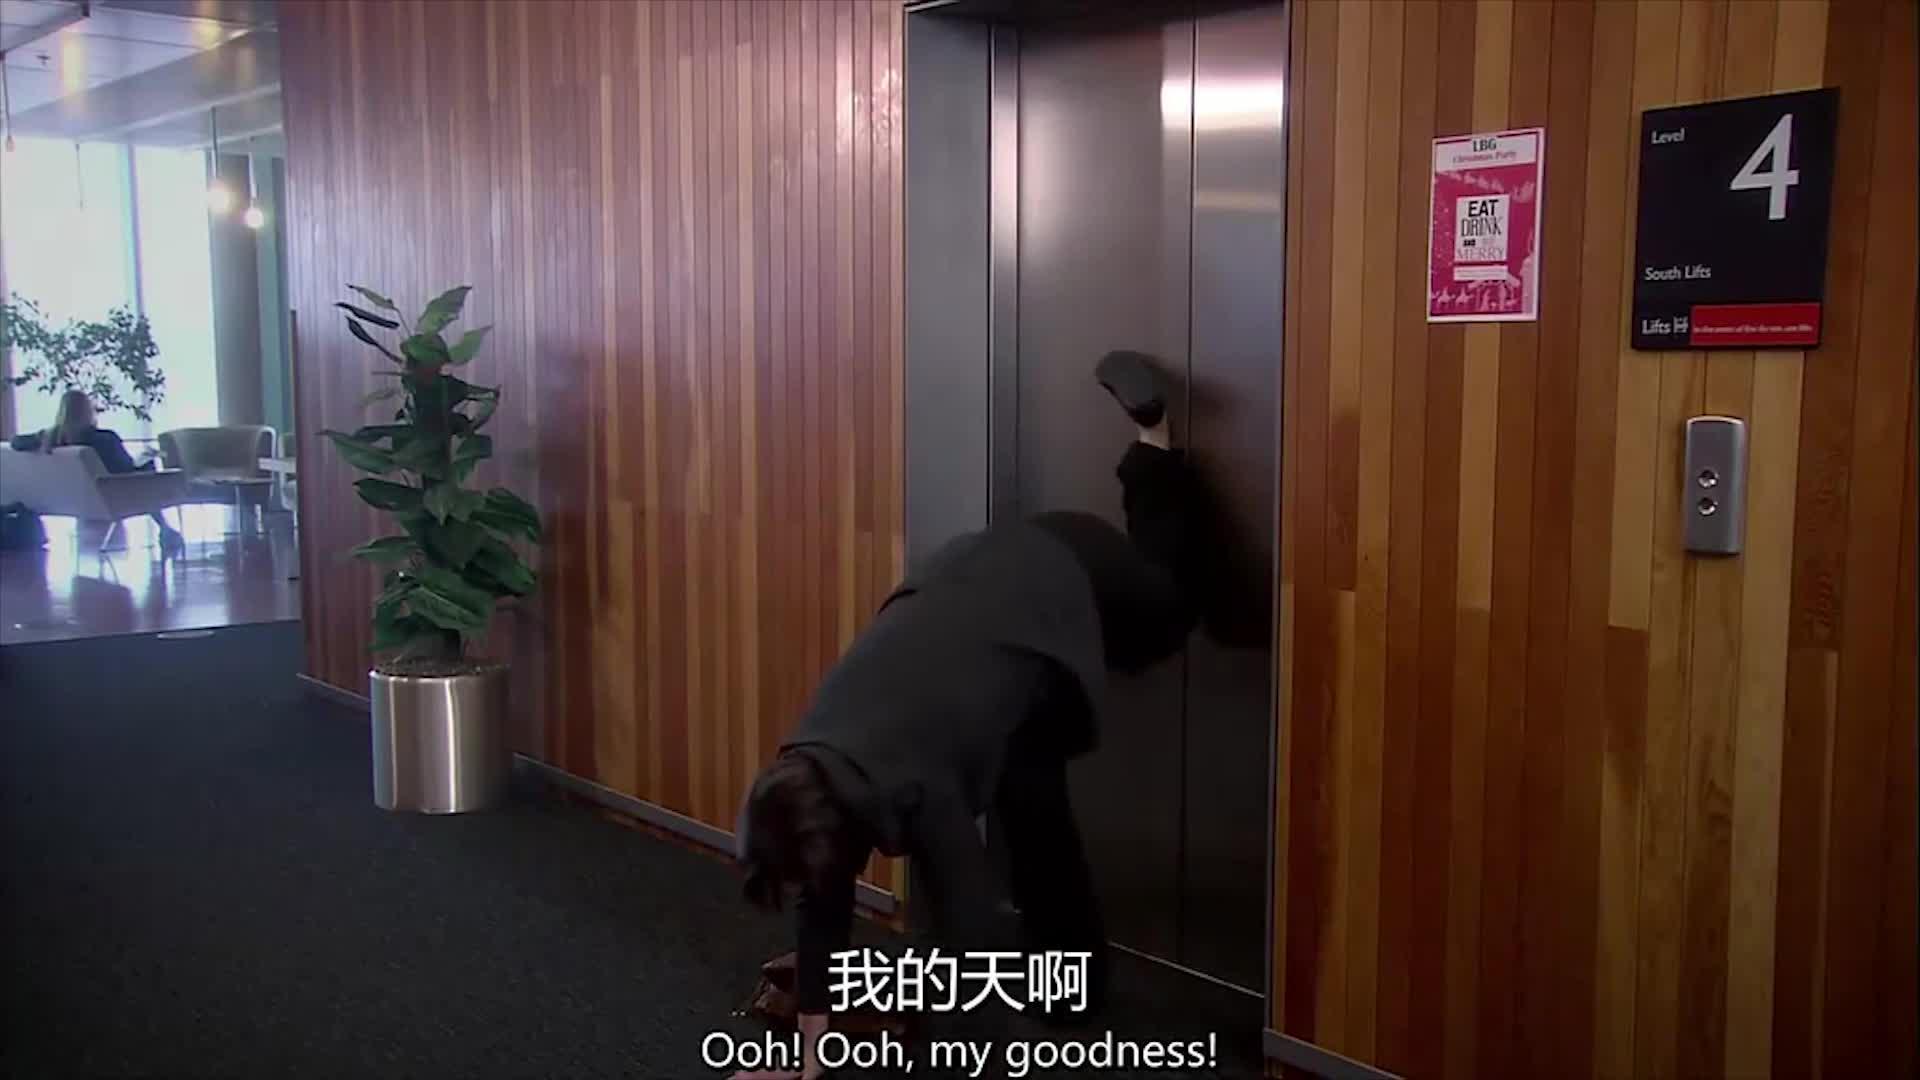 女子第一天上班,被电梯撕坏裤子,同事很友善